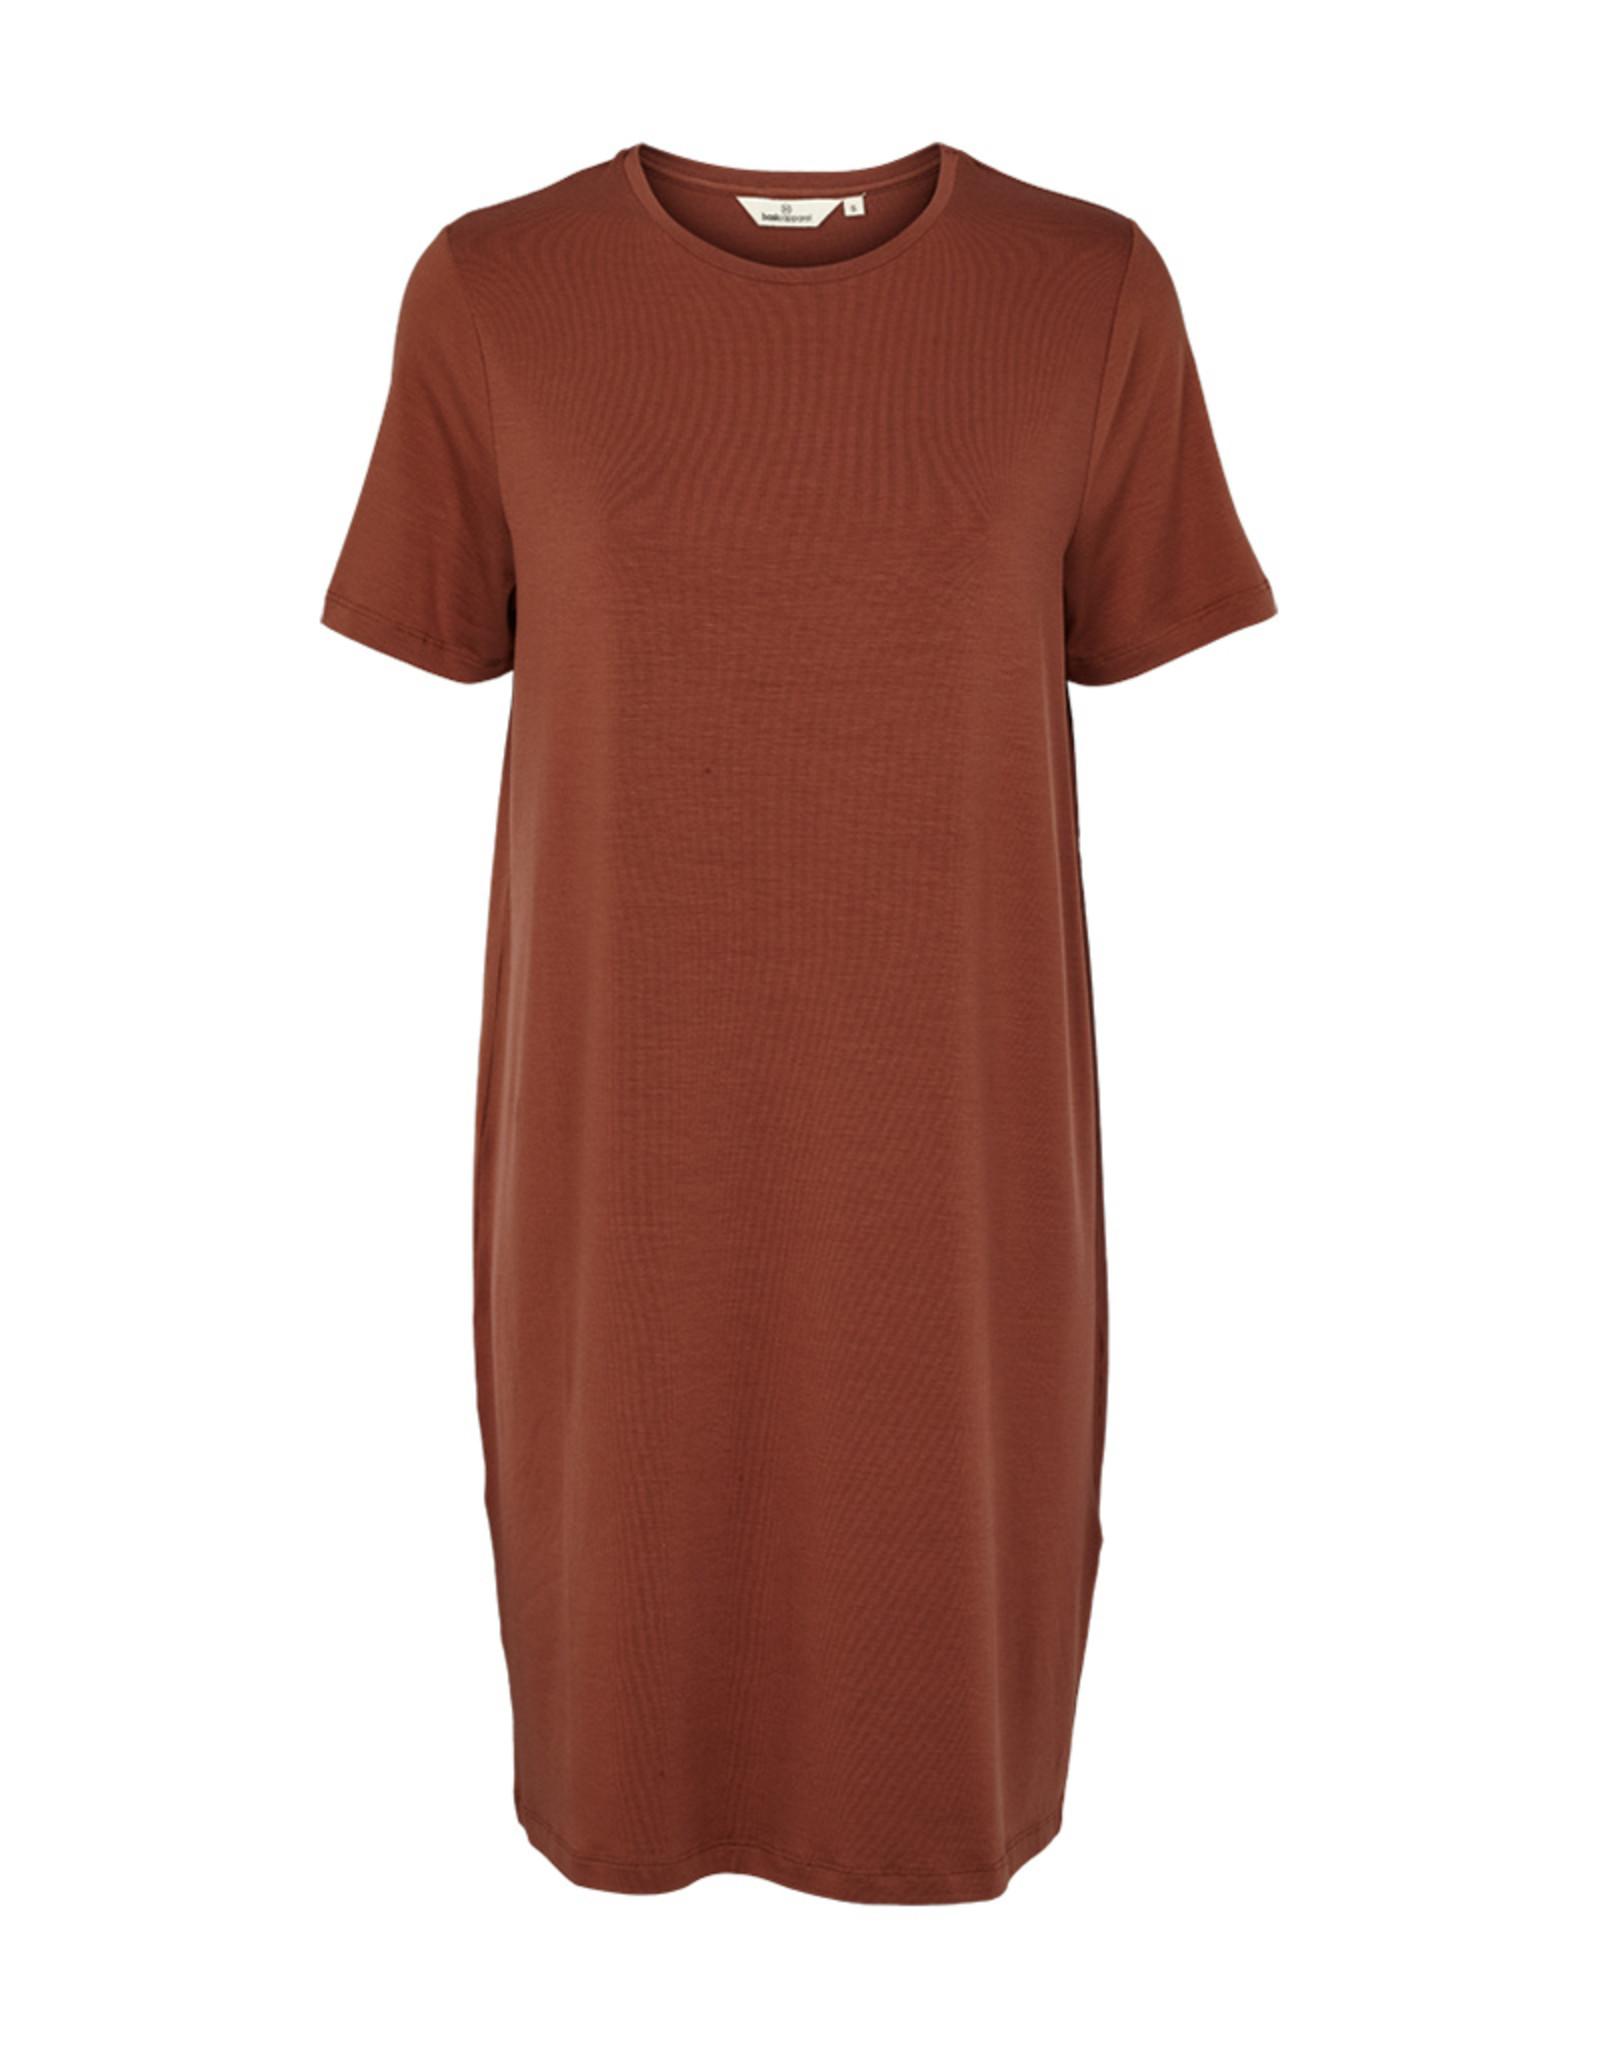 Basic Apparel Jolanda Tee Dress